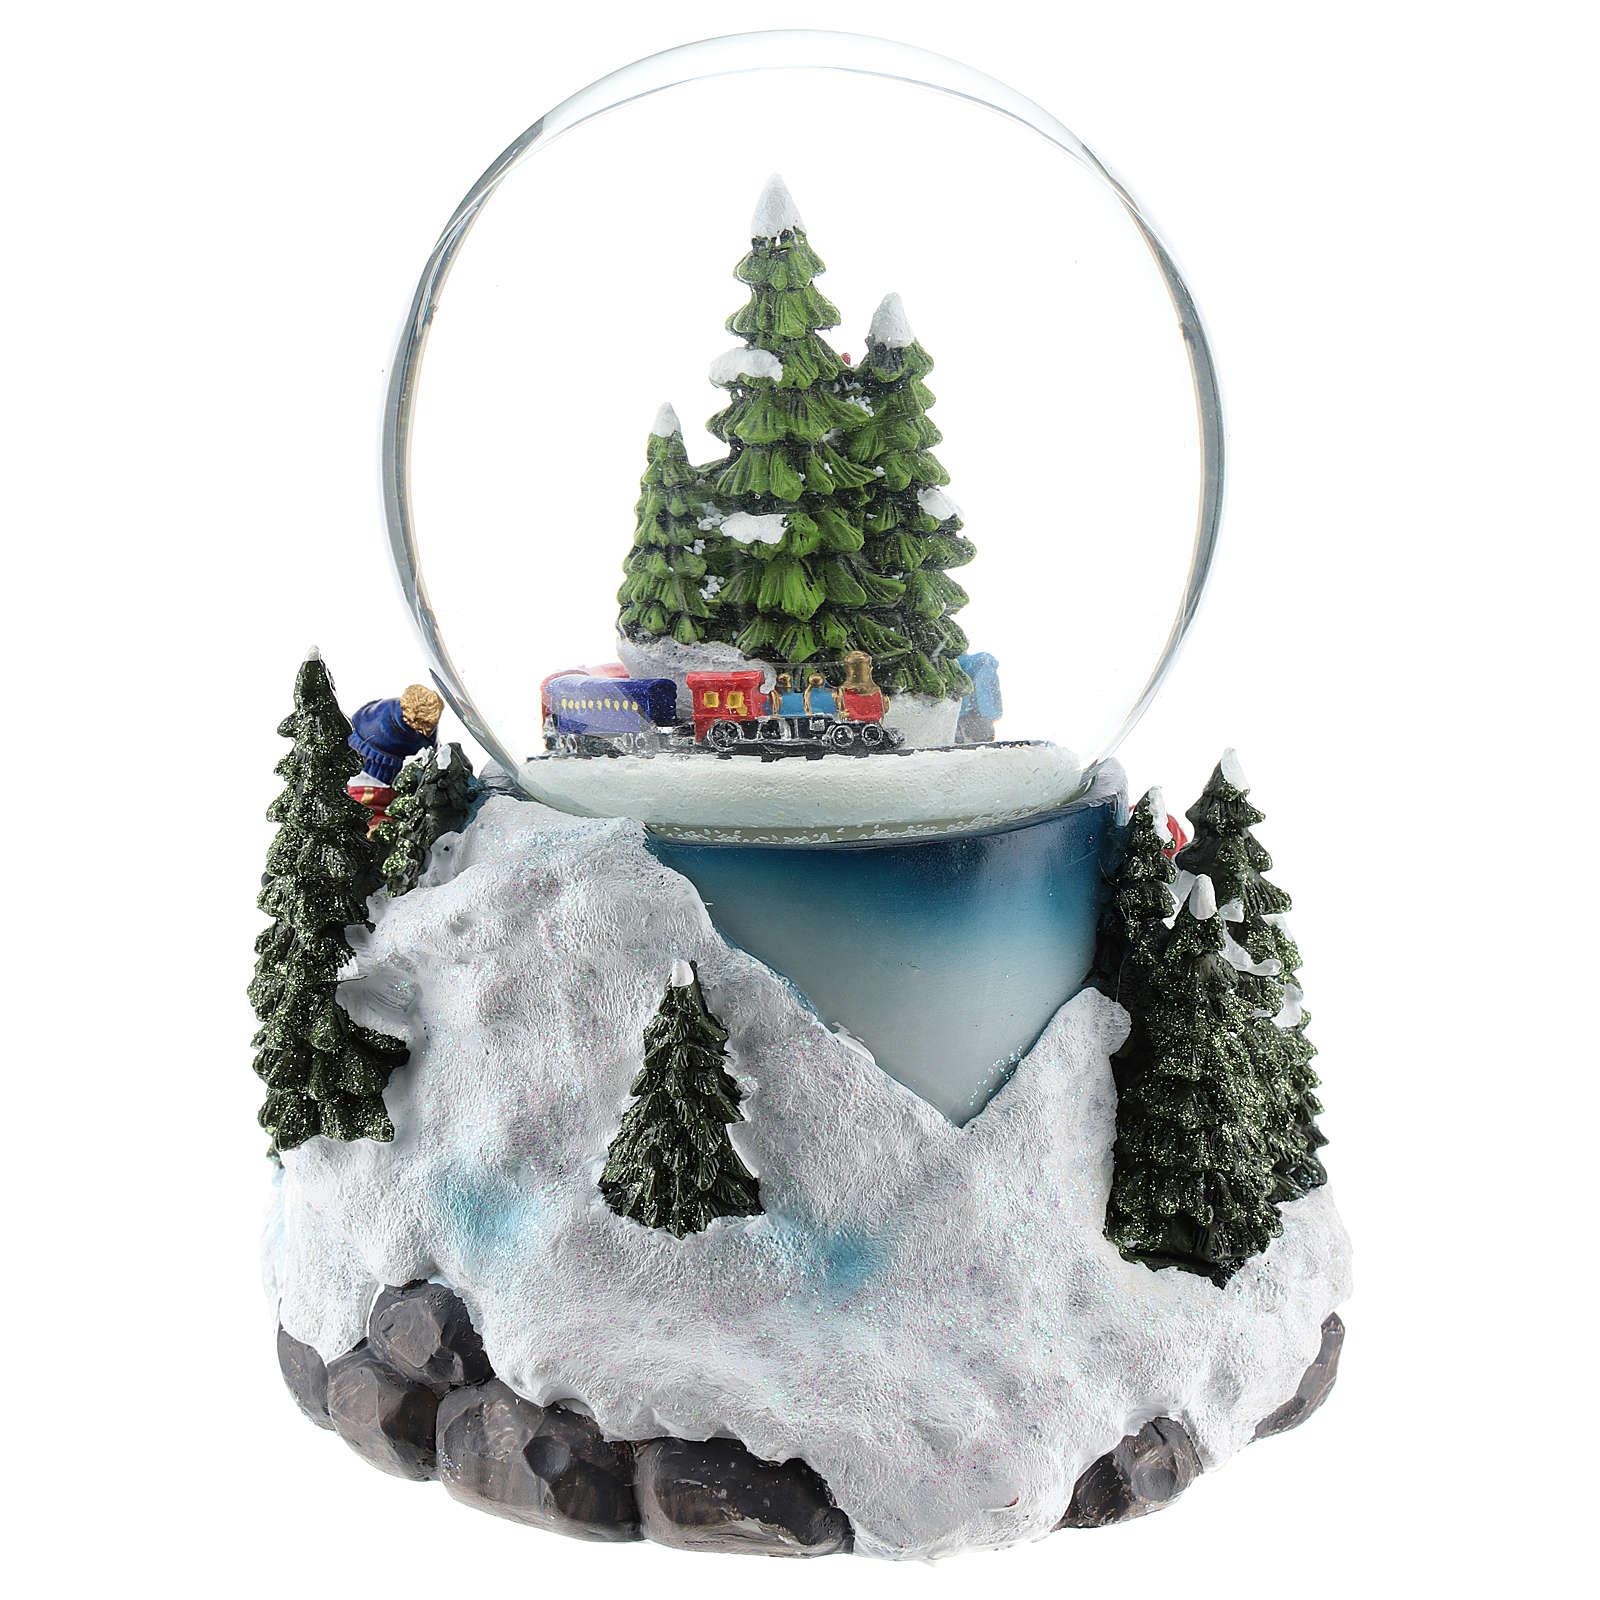 Globo de neve com aldeia e trem h 17 cm 3